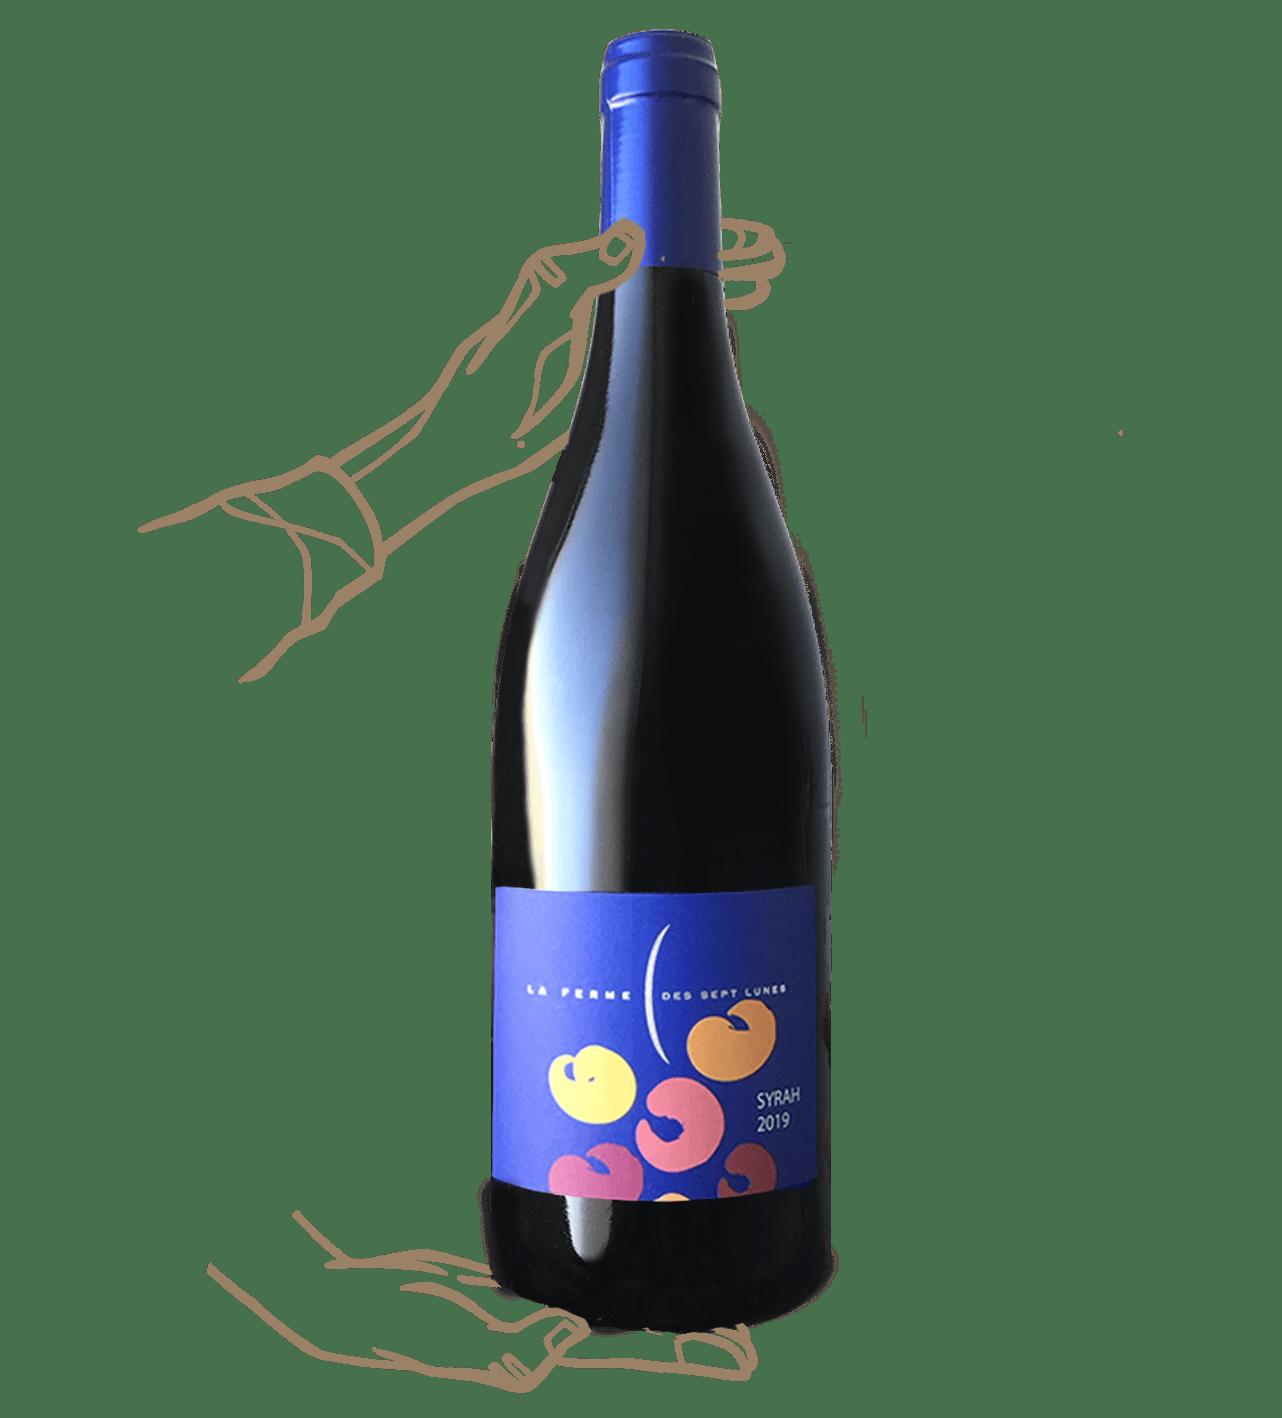 Le syrah du domaines des 7 lunes est un vin naturel sans sulfite ajouté de Saint Joseph